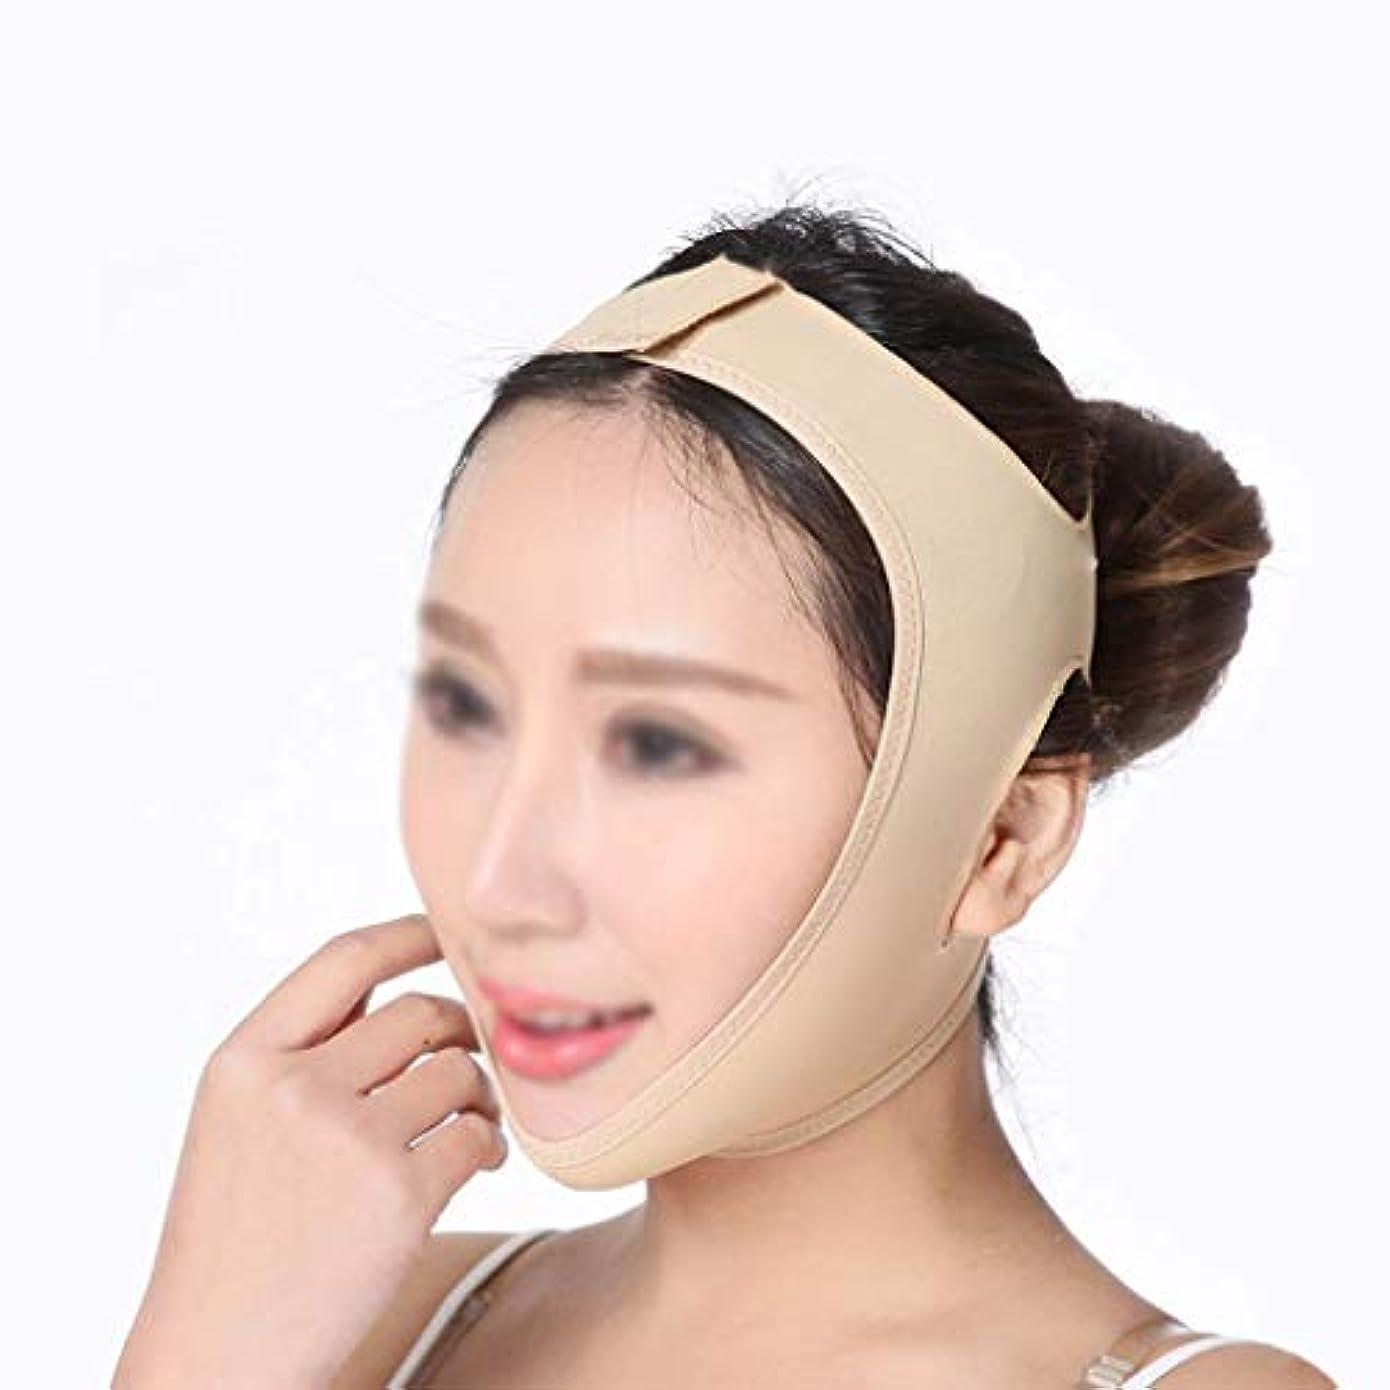 踏みつけ近所のすみませんフェイシャルチークリフティングマスク、ダブルチンとフェイスを効果的に改善、フェイスリフト包帯、ダブルチンを減らす(サイズ:L),XL